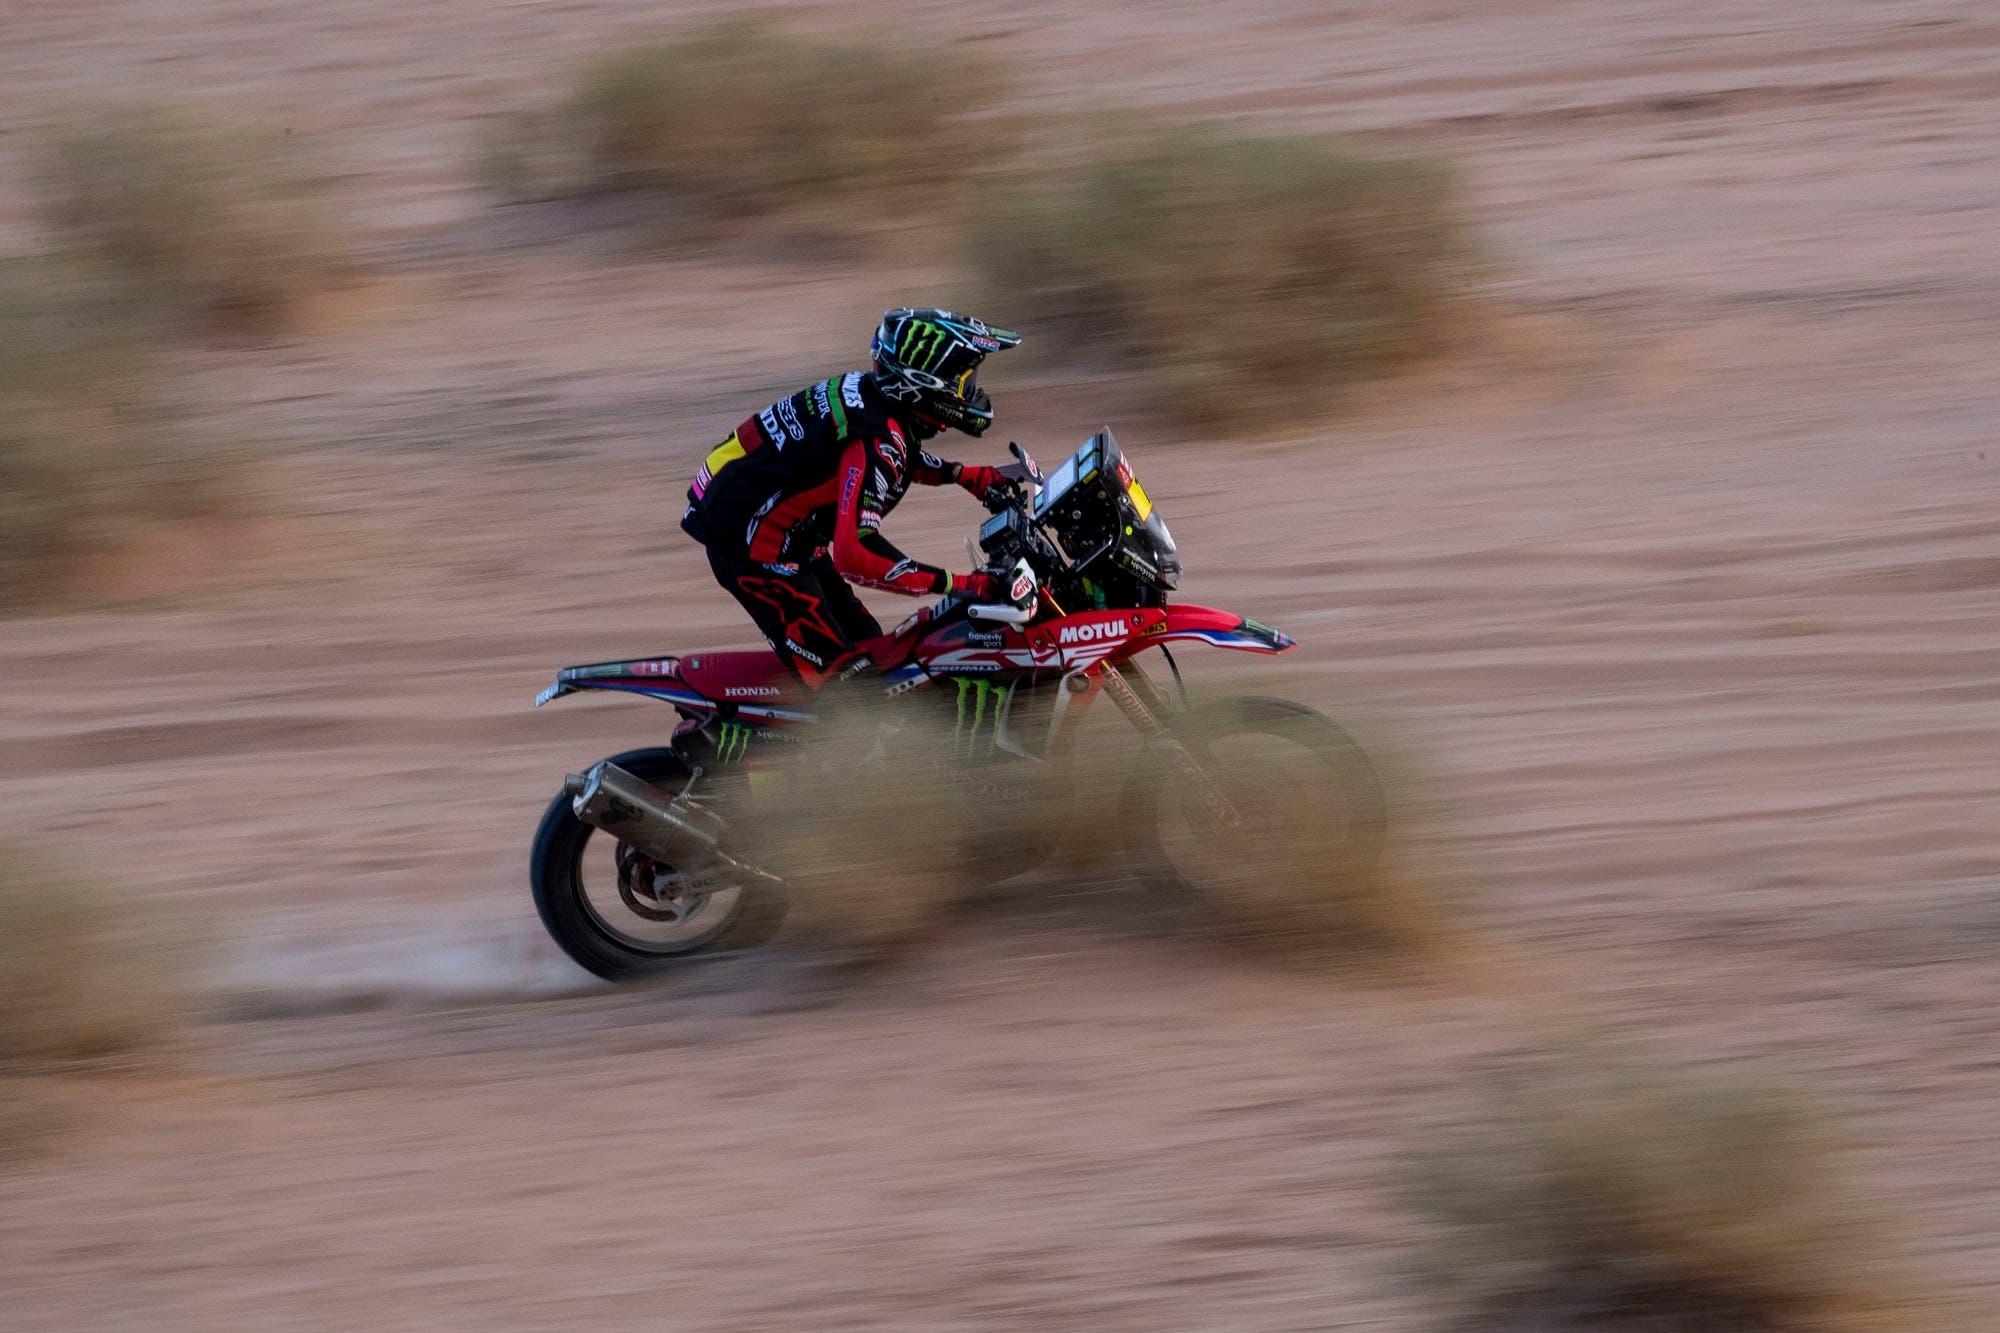 Dakar 2020: se terminó el sueño para Kevin Benavides, mientras Orly Terranova se mantiene quinto en la general